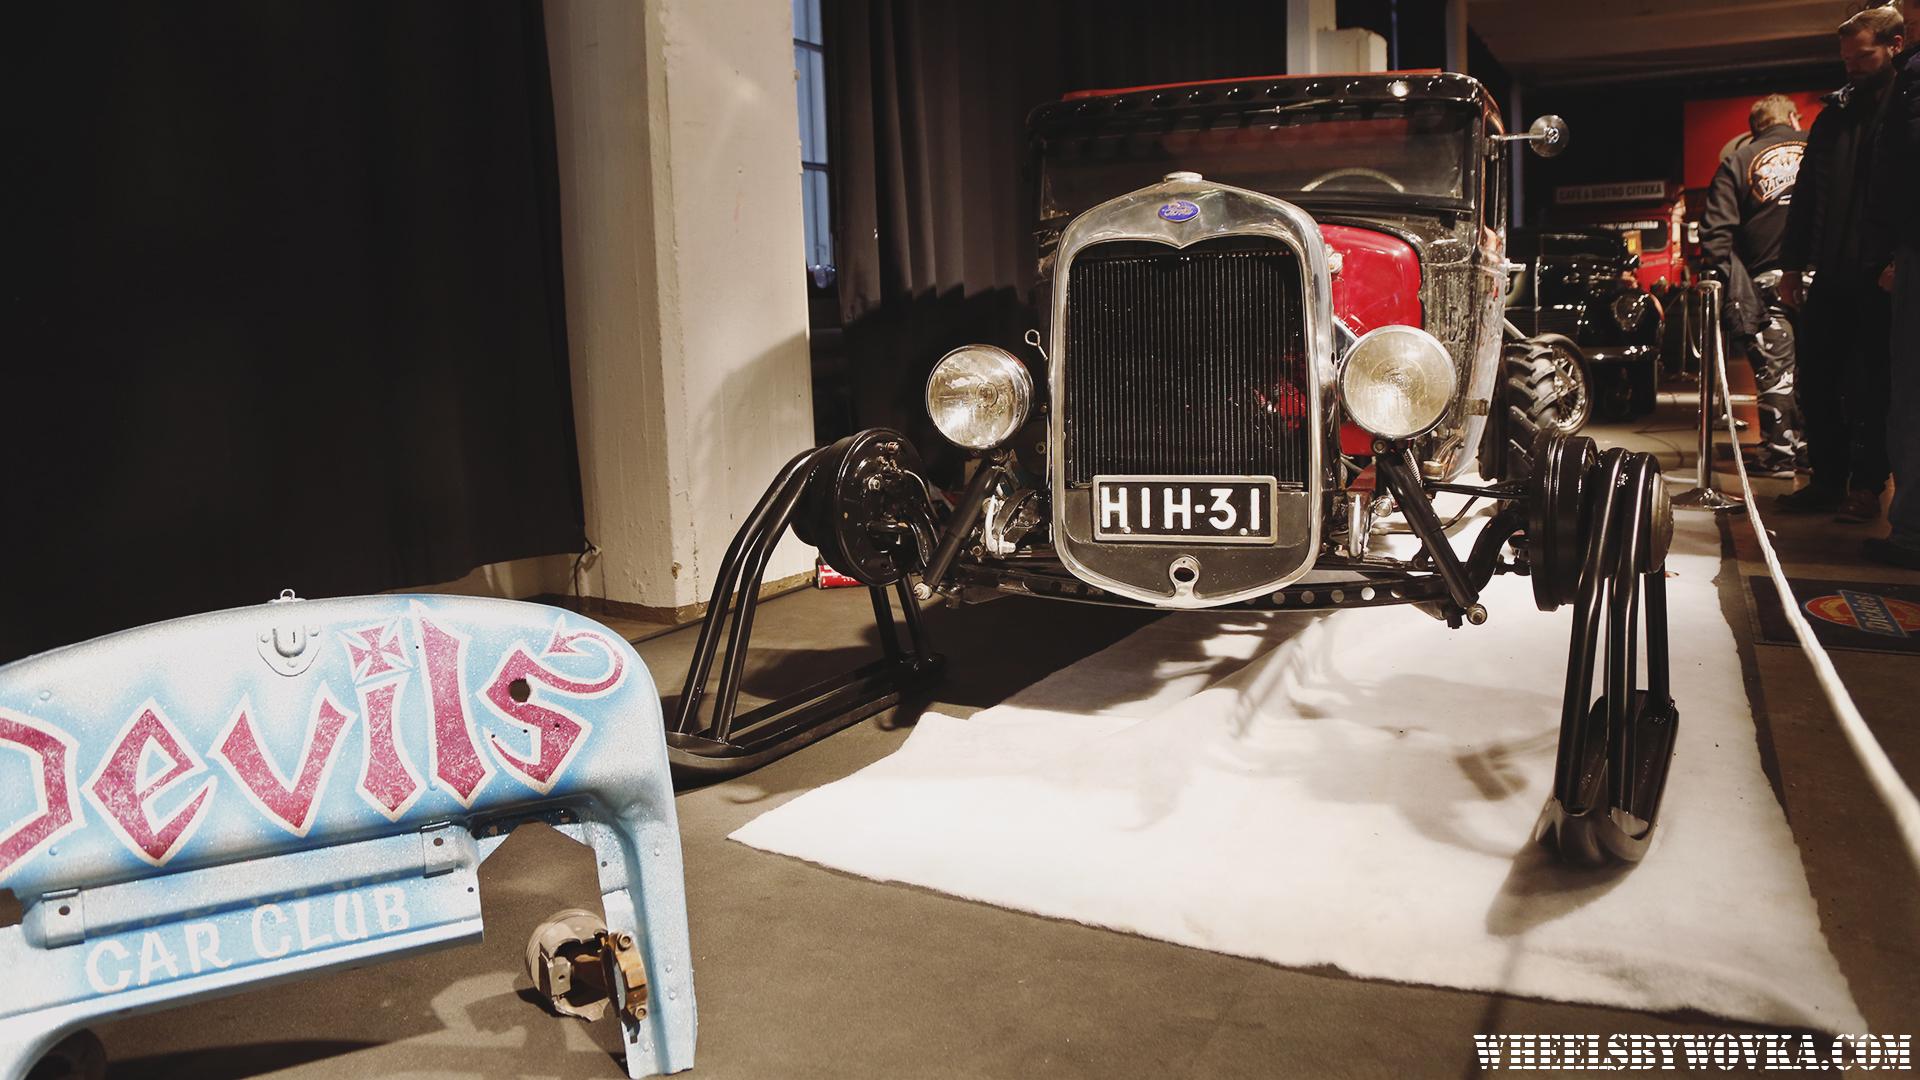 kustom-kulture-show-2018-helsinki-by-wheelsbywovka-3